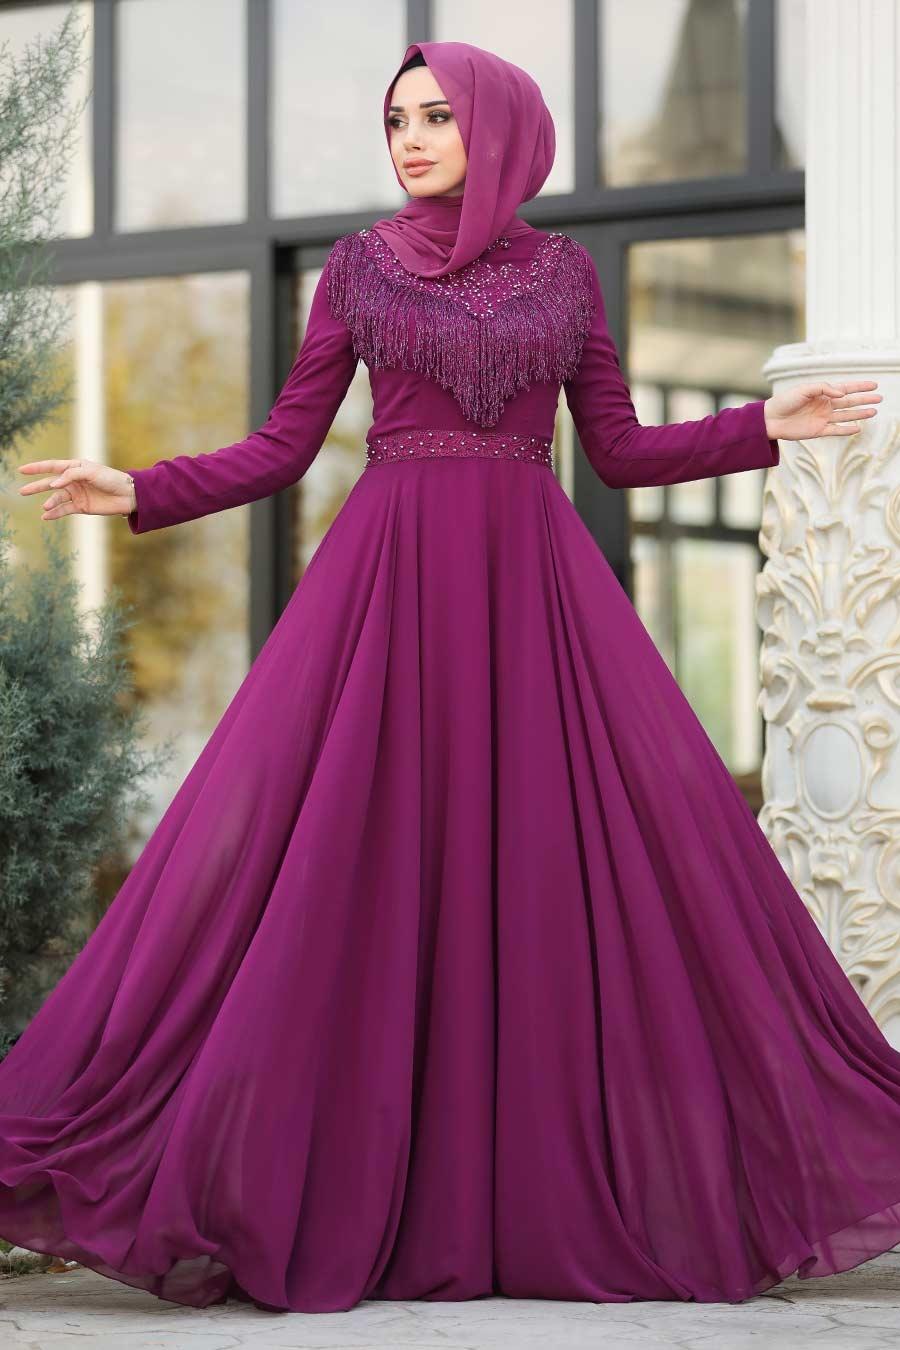 Tesettürlü Abiye Elbise - Boncuk Detaylı Mürdüm Tesettür Abiye Elbise 20901MU